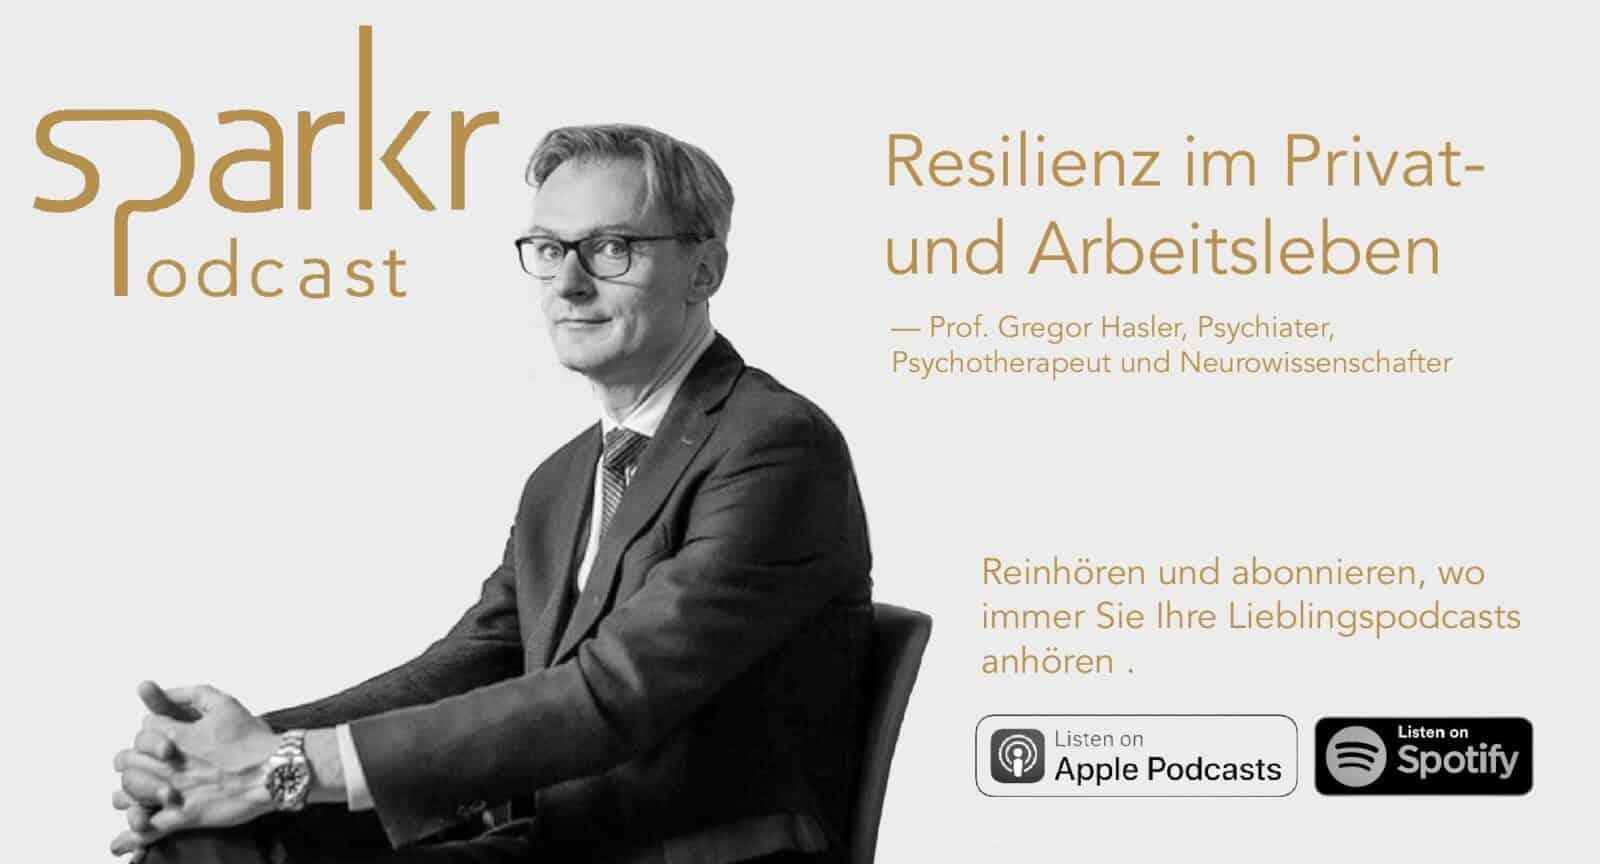 Resilienz Gregor Hasler